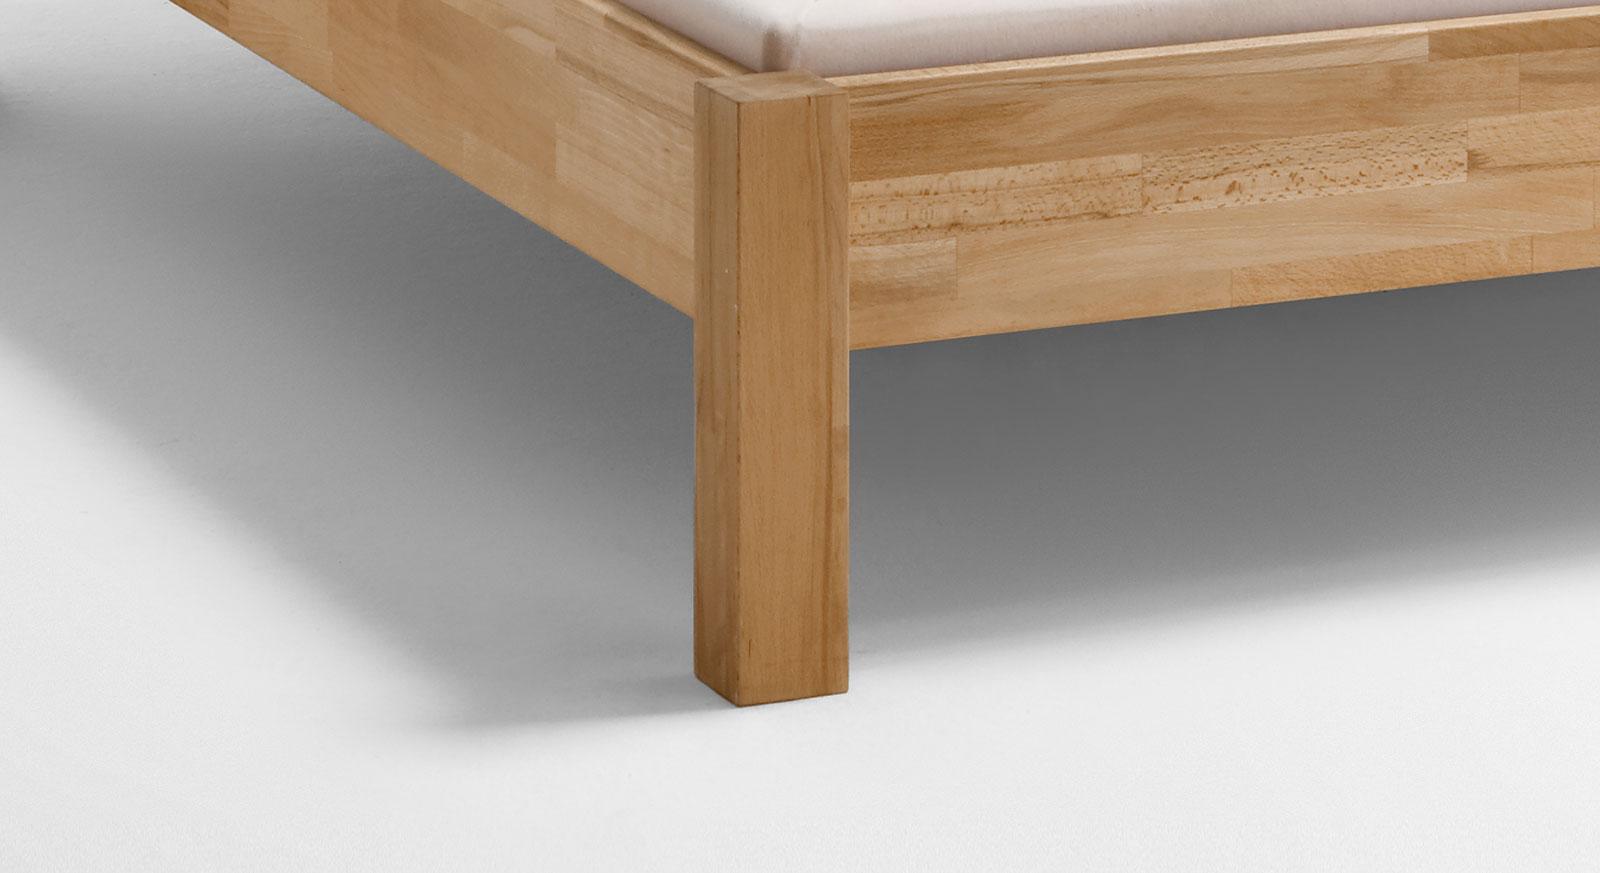 Bett Valencia mit quadratischen Beinen für einen festen Stand